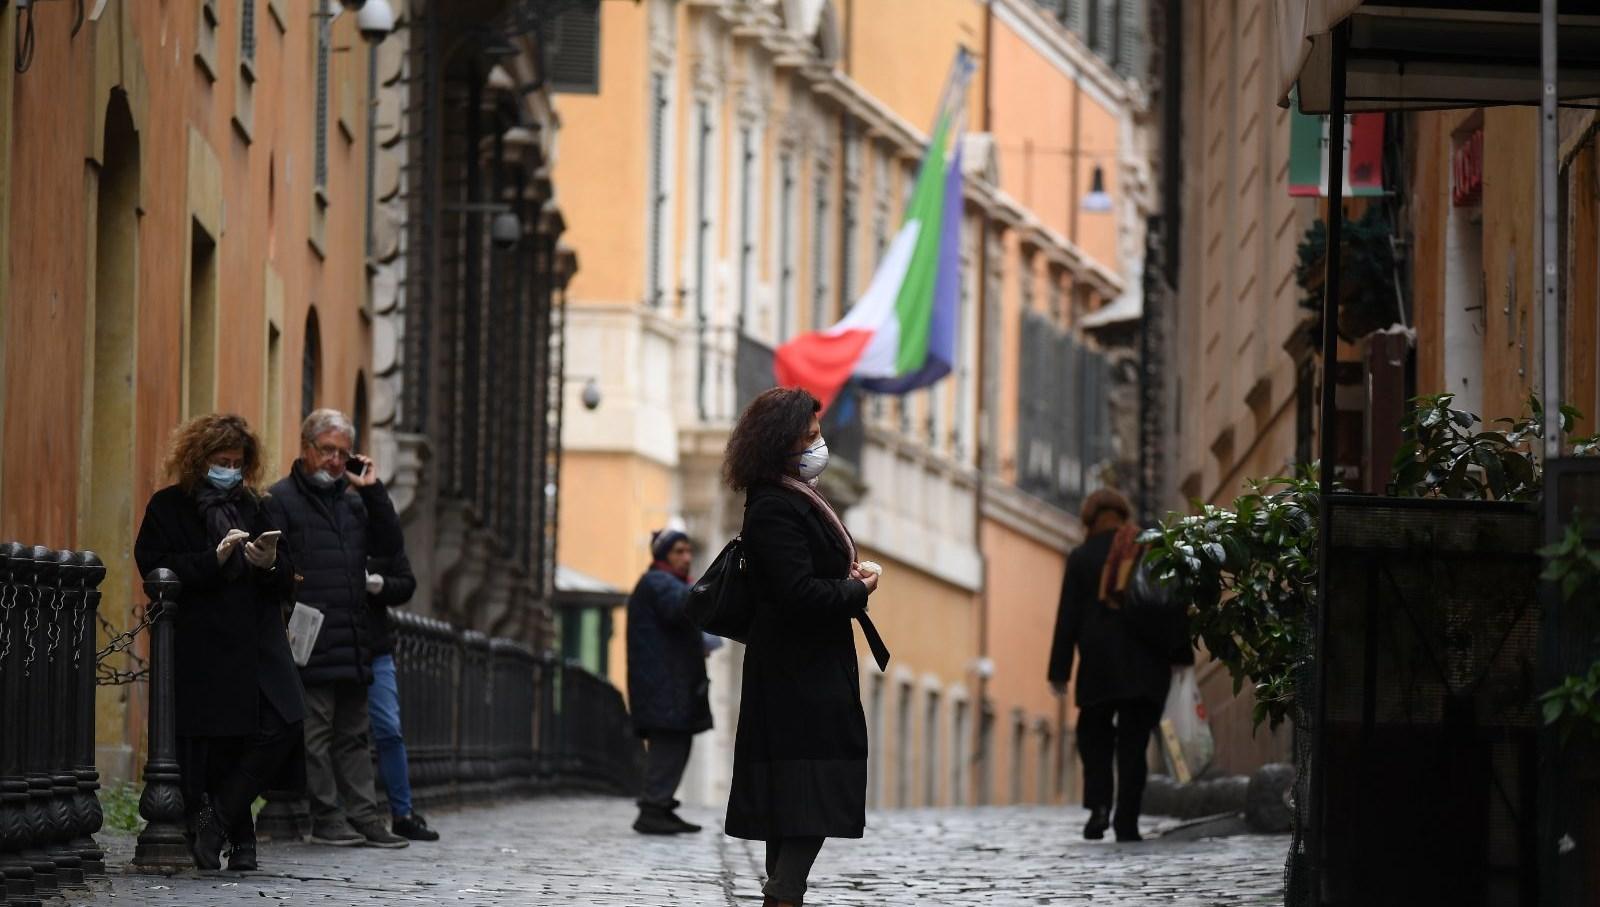 İtalya, Covid-19 vakalarında 10 gün içinde düşüş bekliyor